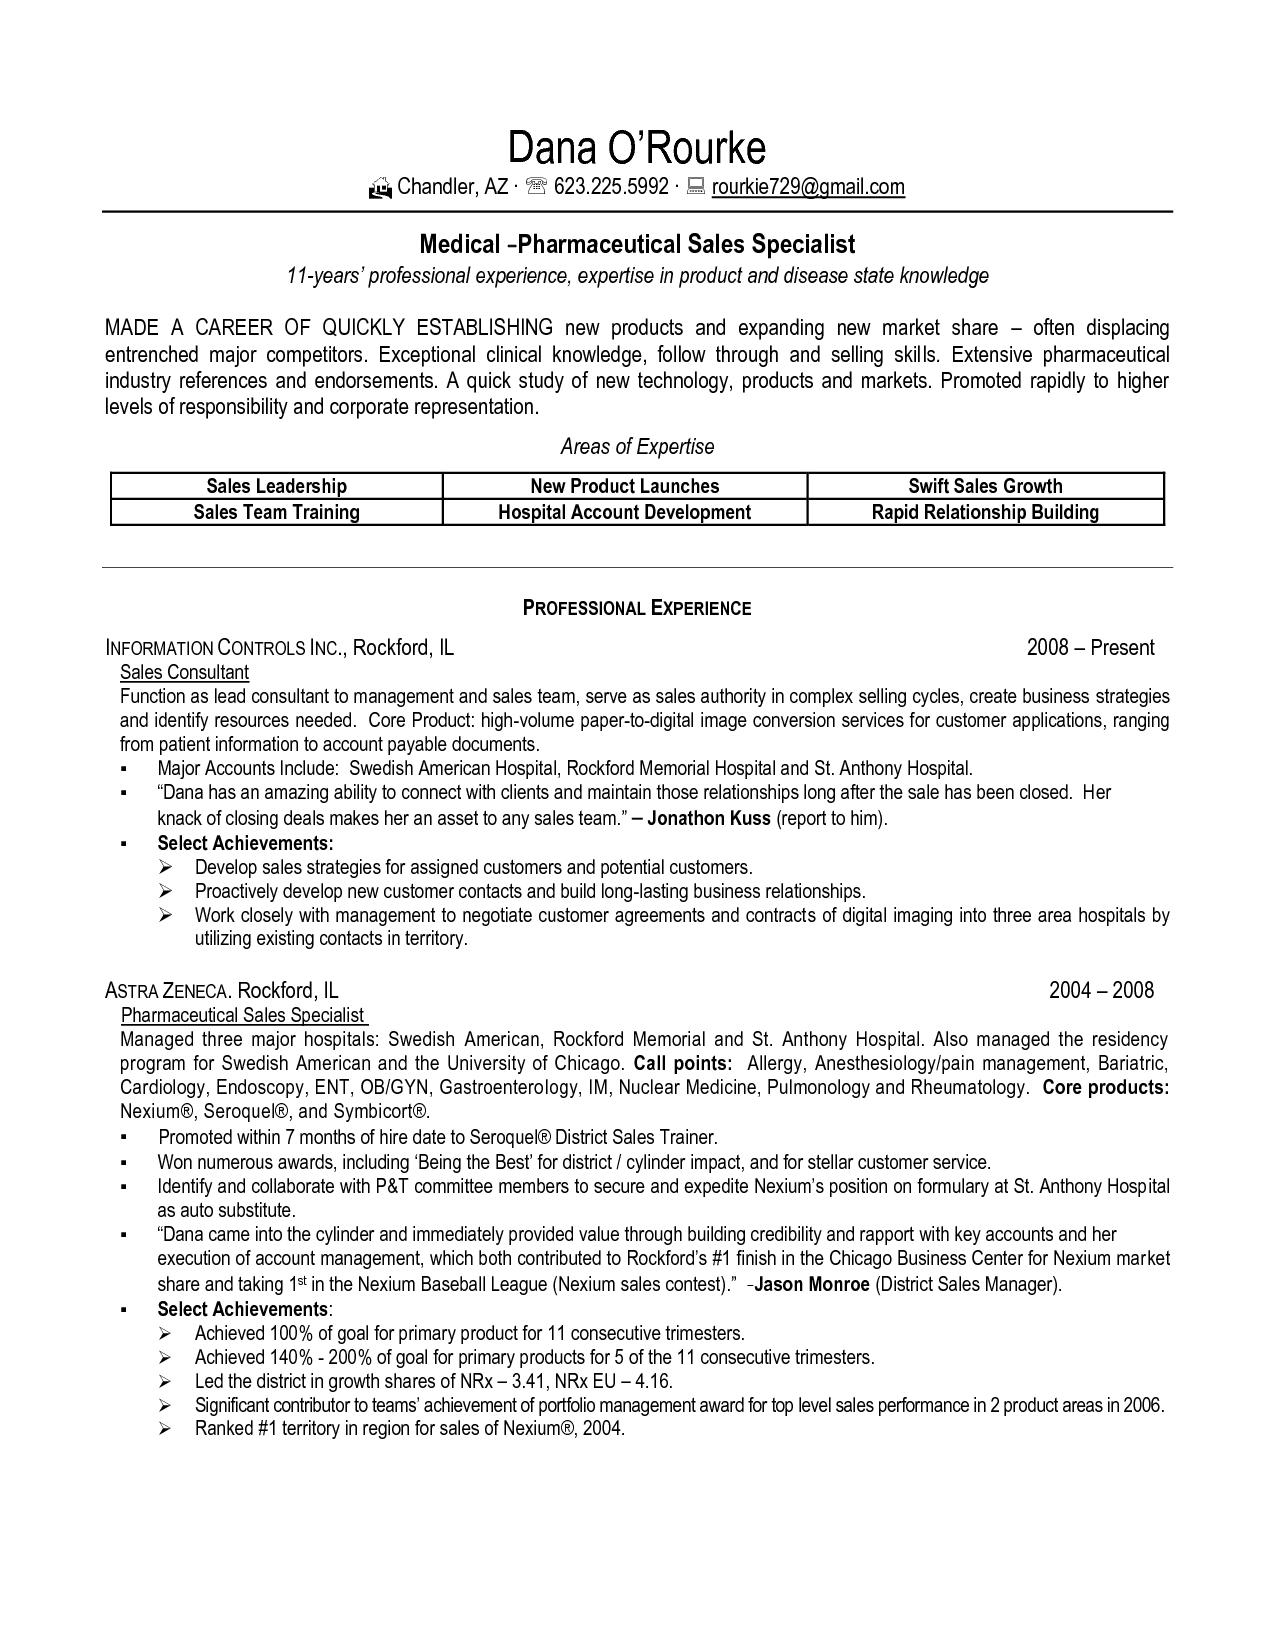 D Pharma 3Resume Format Sample resume format, Best